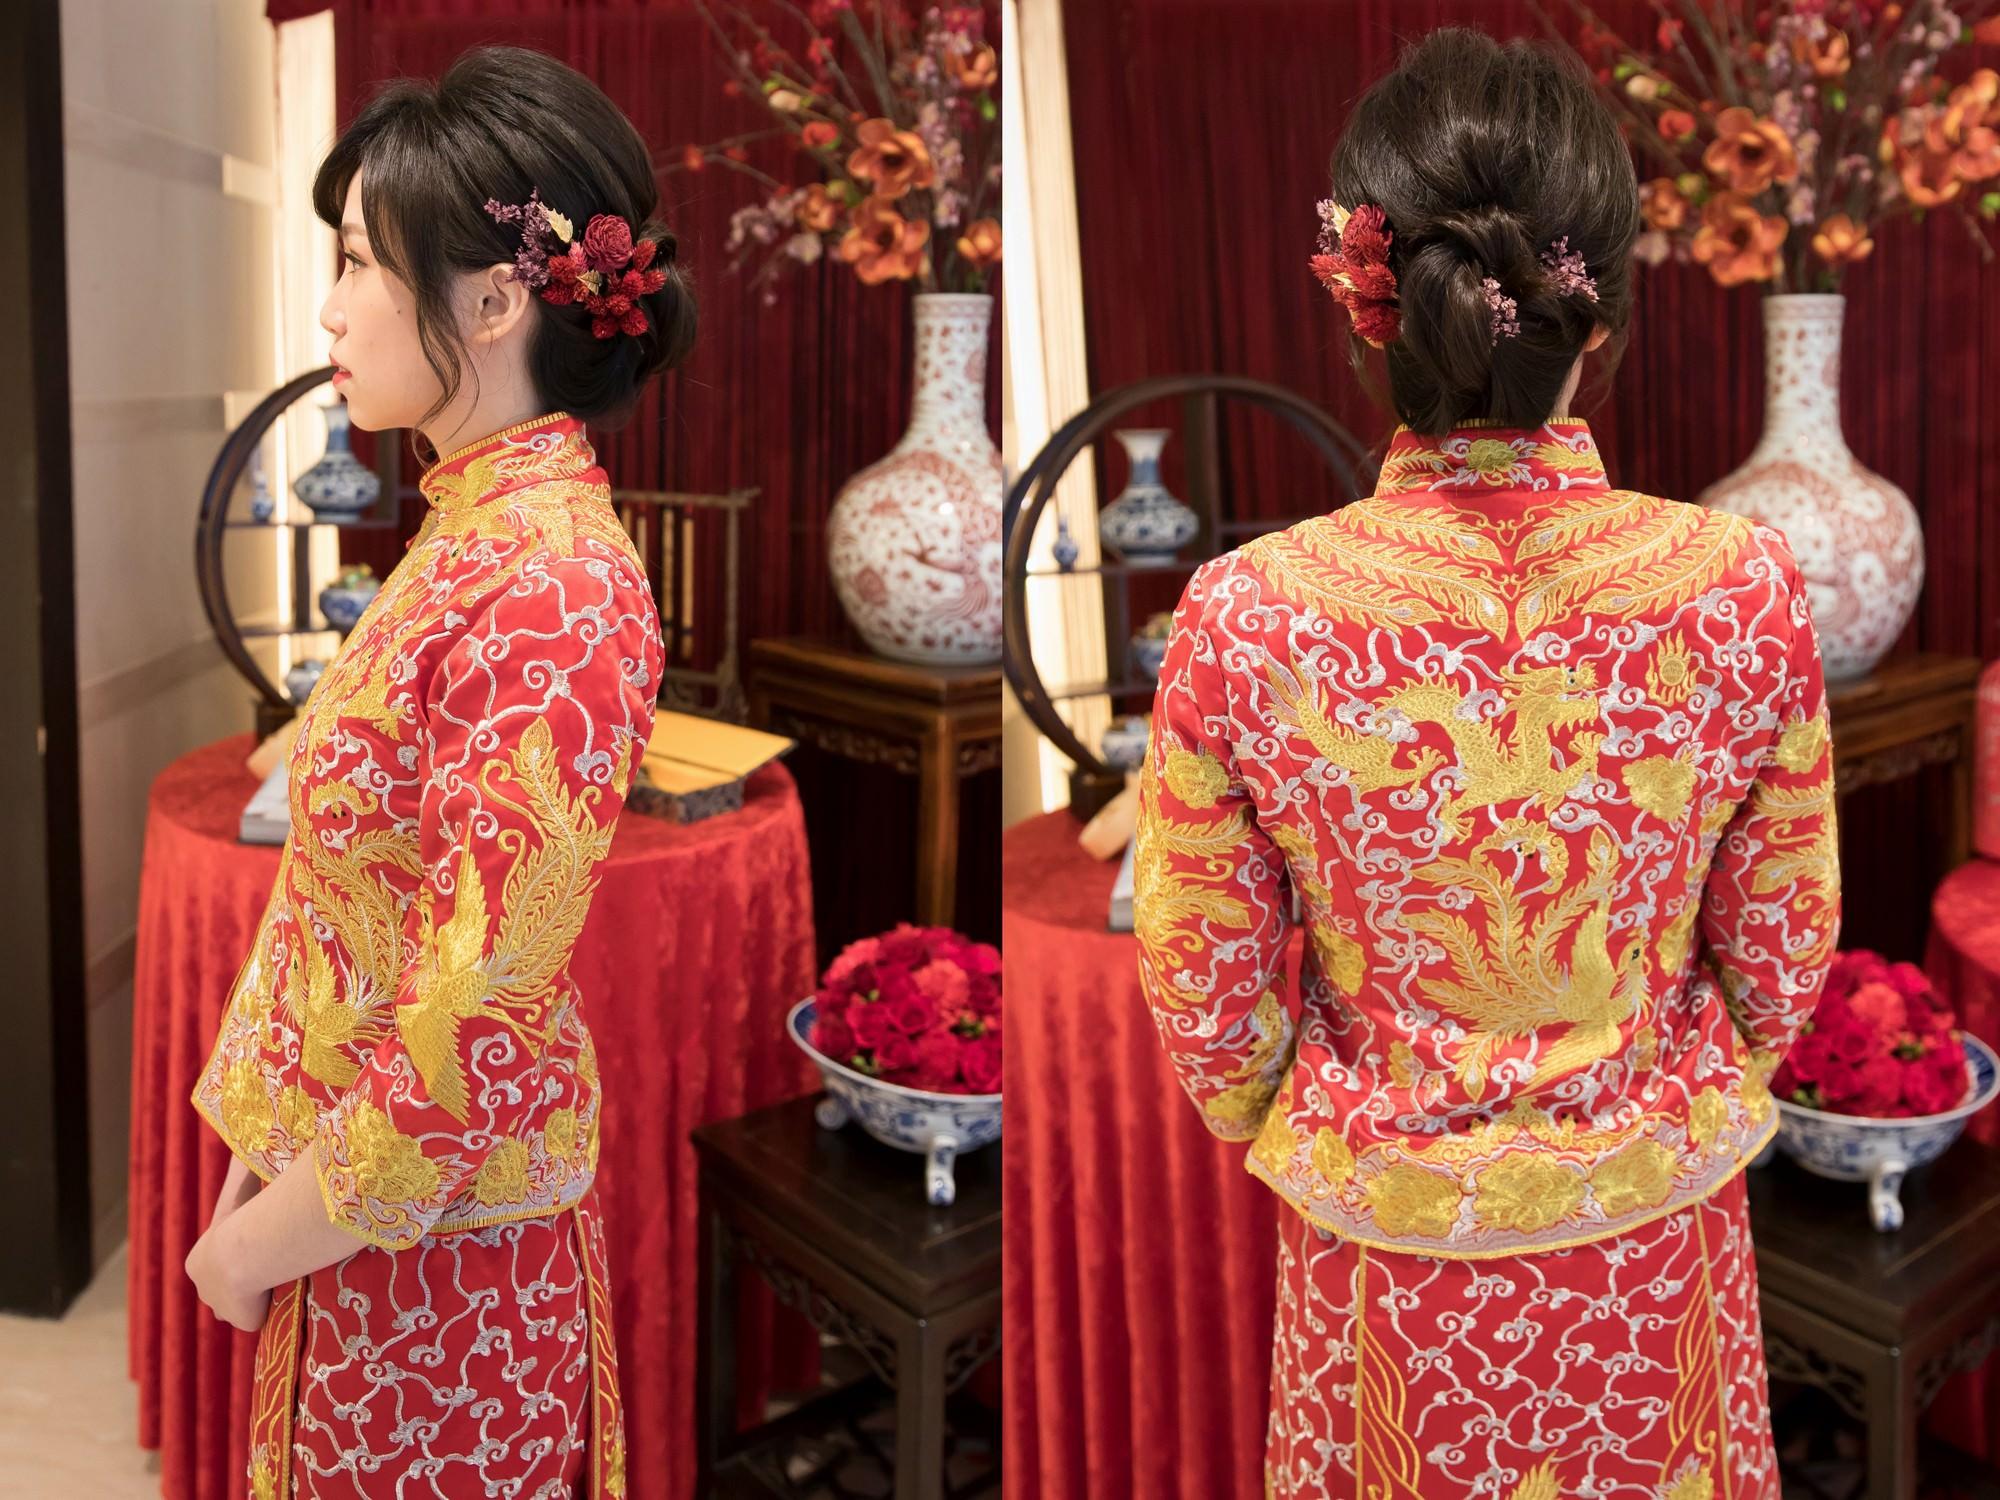 新娘造型,台北新秘,新娘髮型,中式禮服,龍鳳褂造型,褂頭,龍鳳褂髮型,龍鳳褂|故宮晶華|新秘Yuki